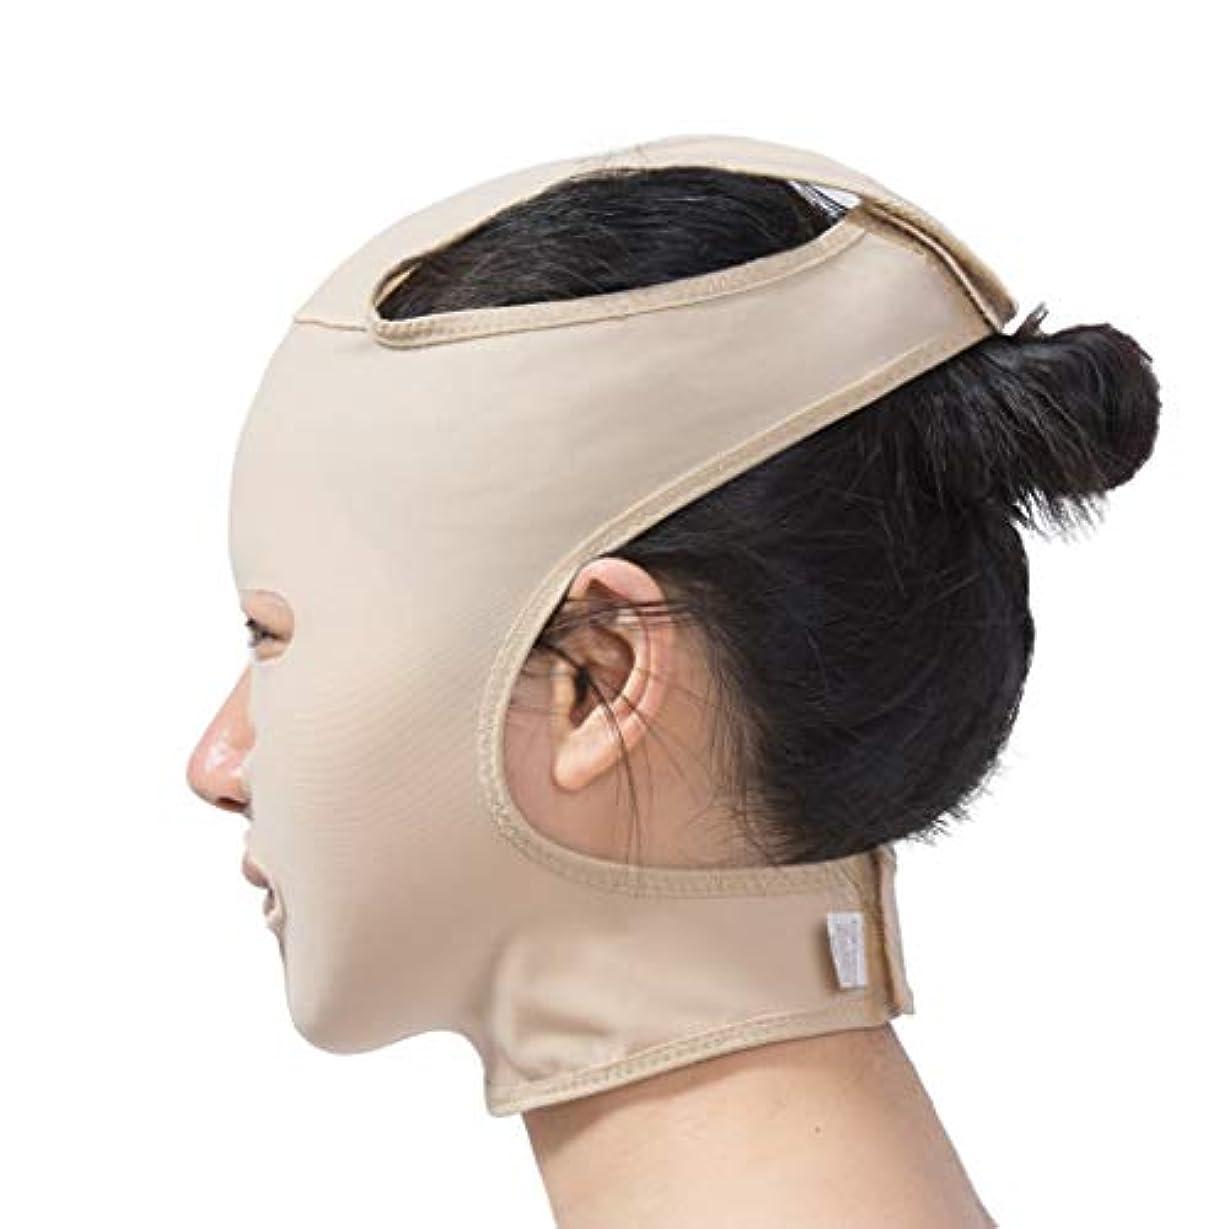 後泳ぐアカデミックフェイスリフトマスク、フルフェイスマスク医療グレード圧力フェイスダブルチンプラスチック脂肪吸引術弾性包帯ヘッドギア後の顔の脂肪吸引術 (Size : S)